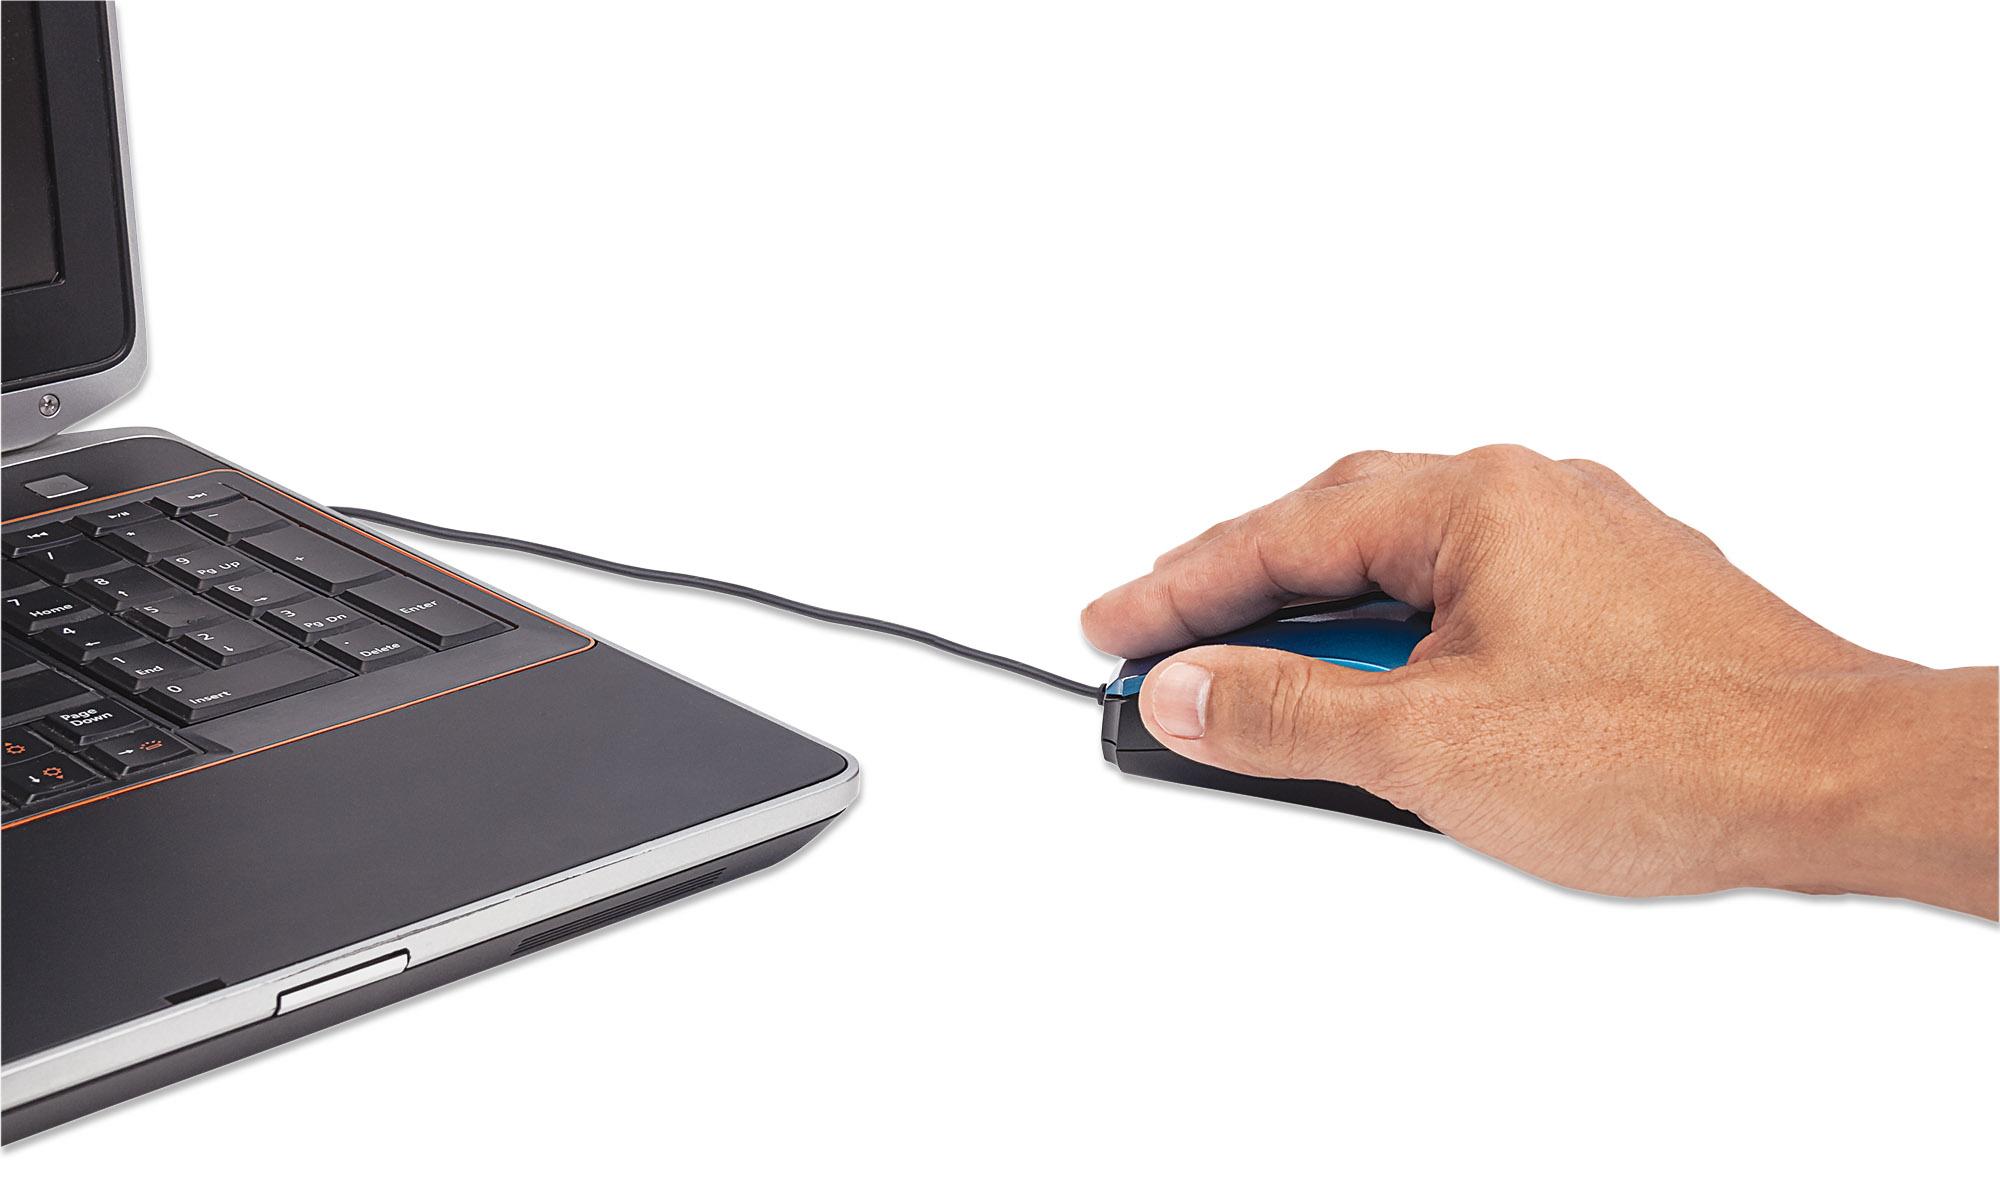 Edge Optical USB Mouse